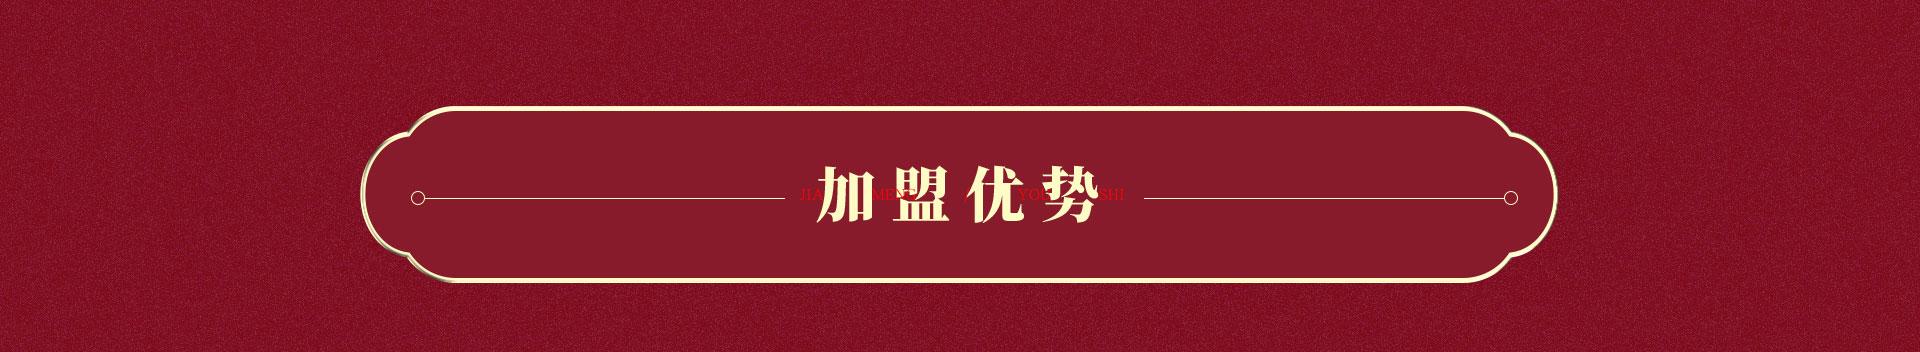 悦芝堂母婴产康全周期管理yzt_11